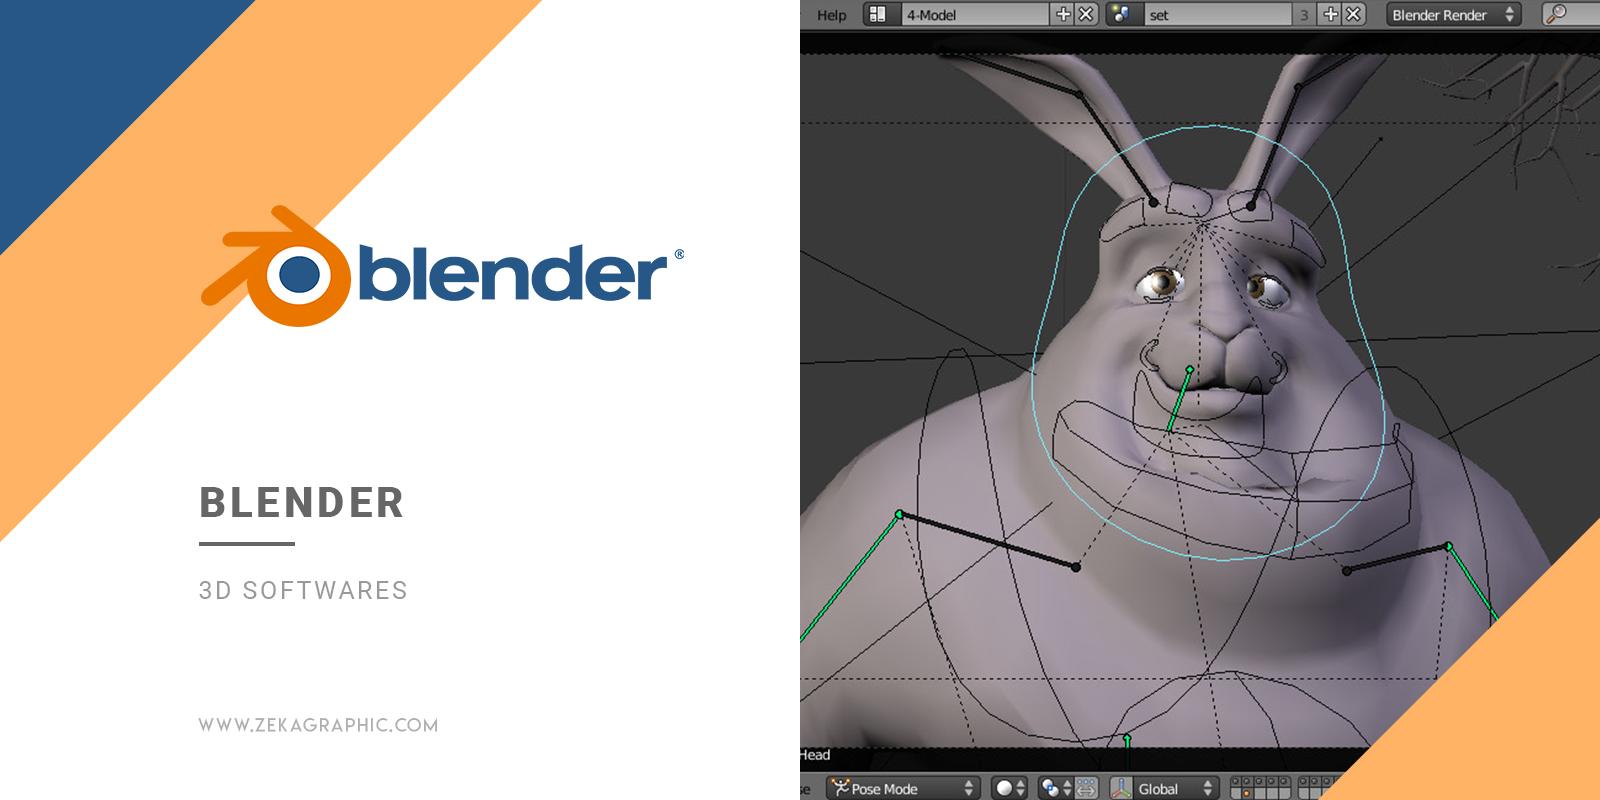 Blender 3D Software for Graphic Design